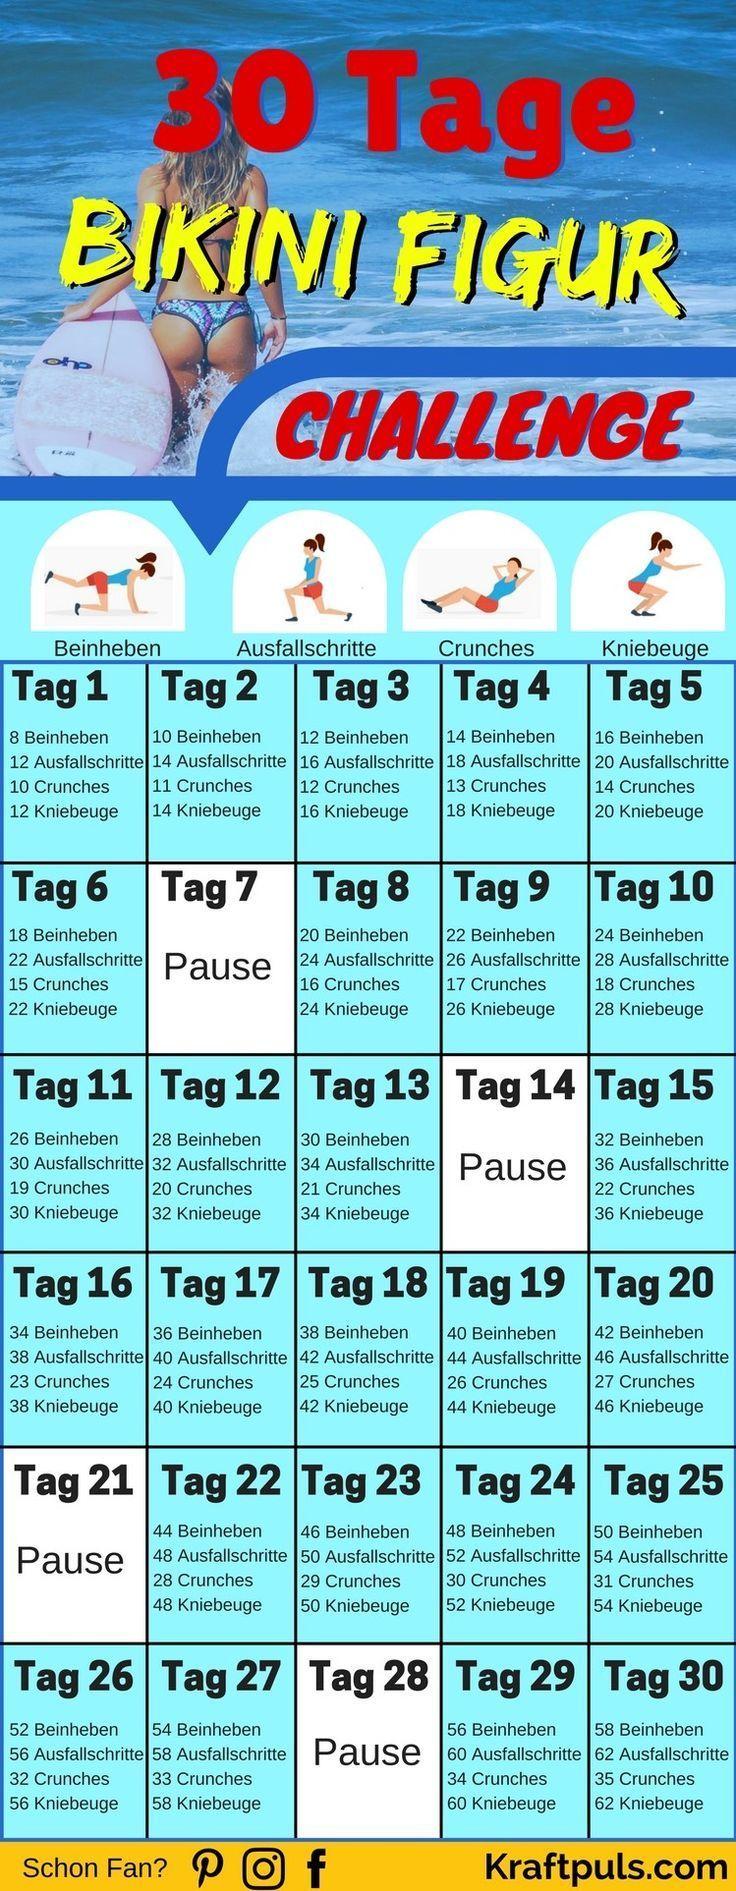 #30Tage #auch #bekommst #bikini #Challenge #den #Figur #Summerbody WOW! Mit diesem Trainingsplan in...